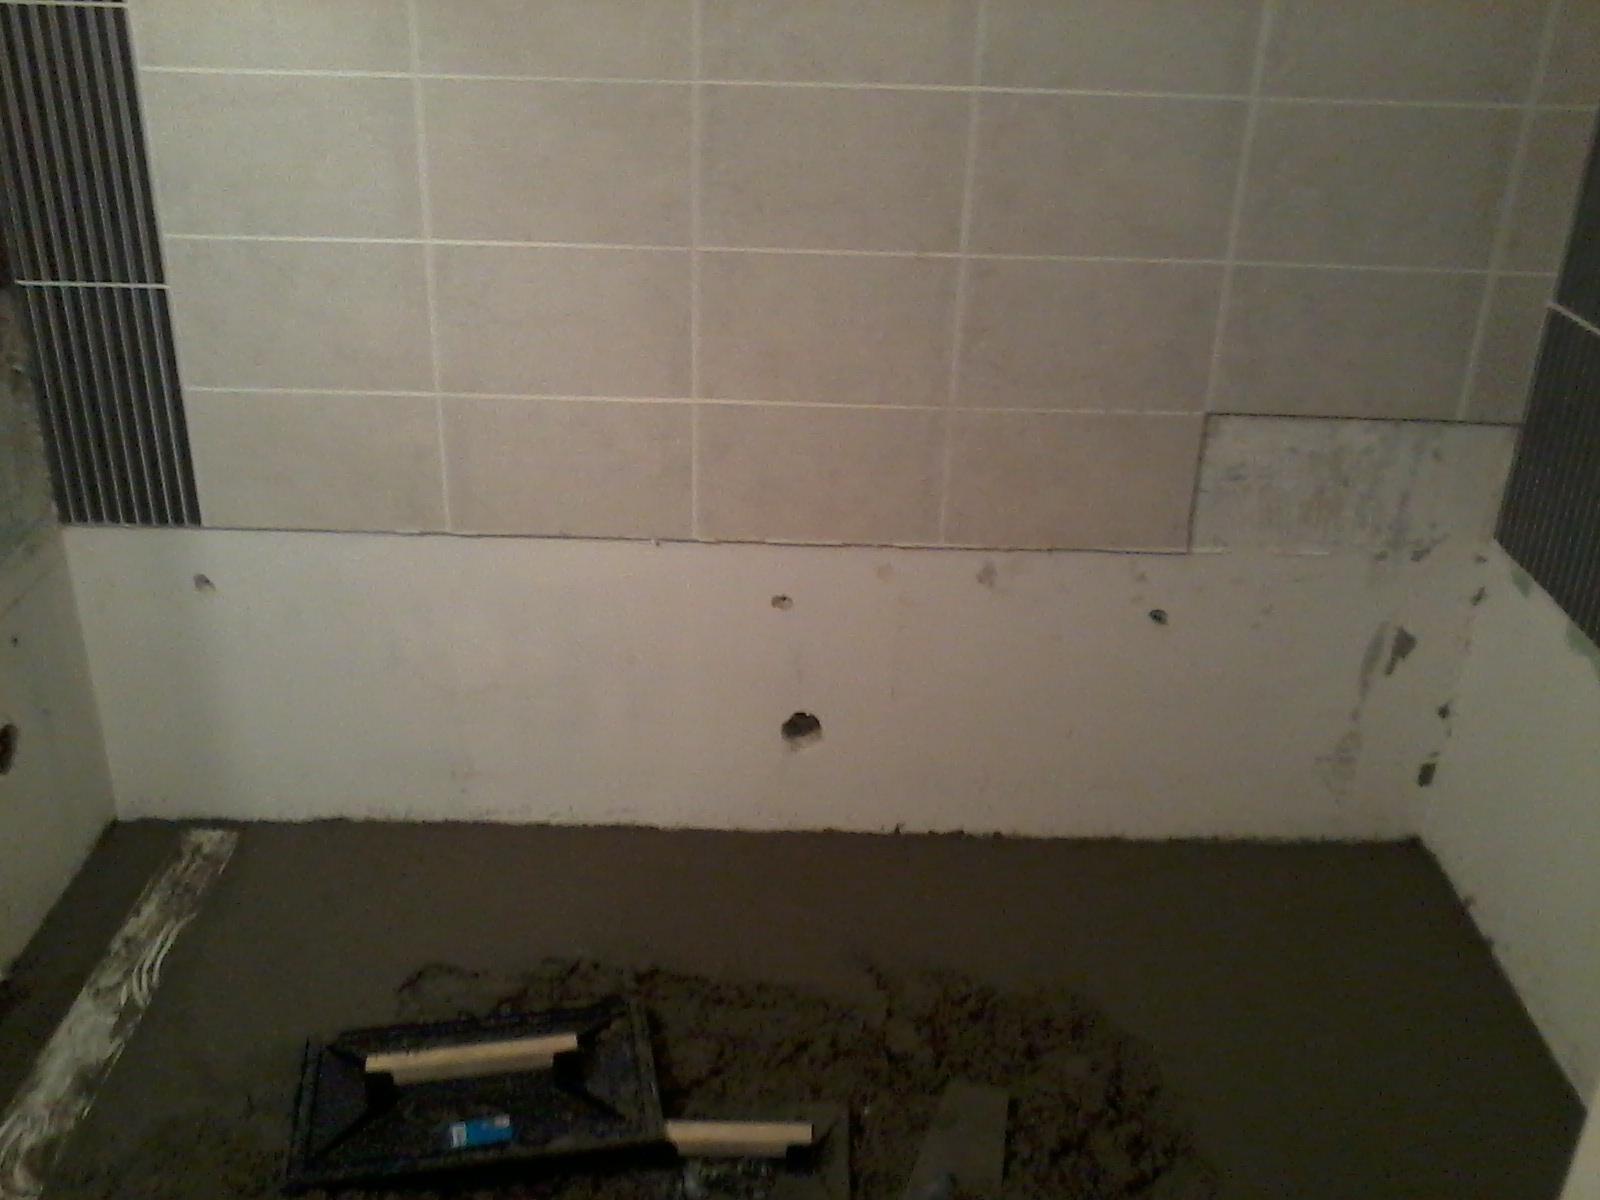 Remplacement d 39 une baignoire par un bac douche for Pose d un bac a douche